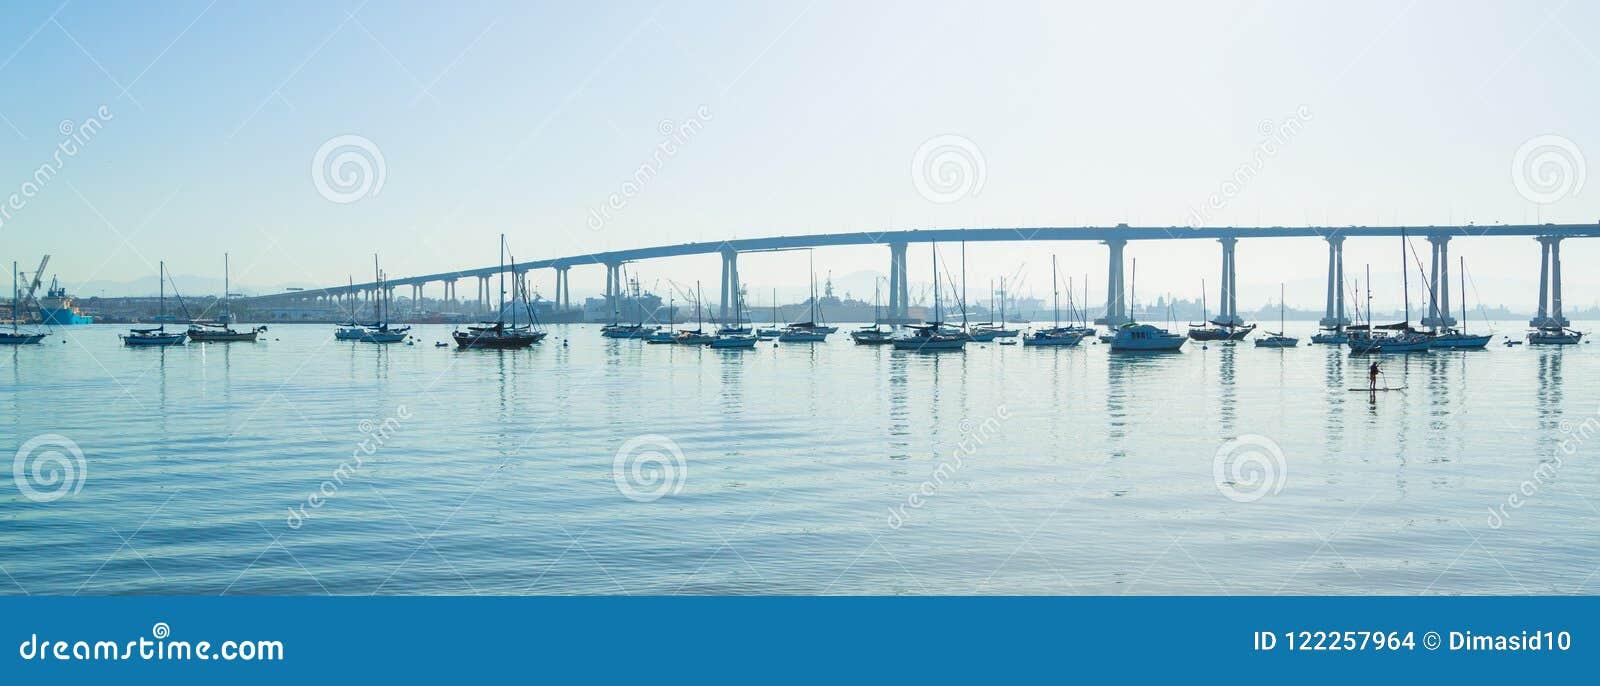 Puente de San Diego Coronado